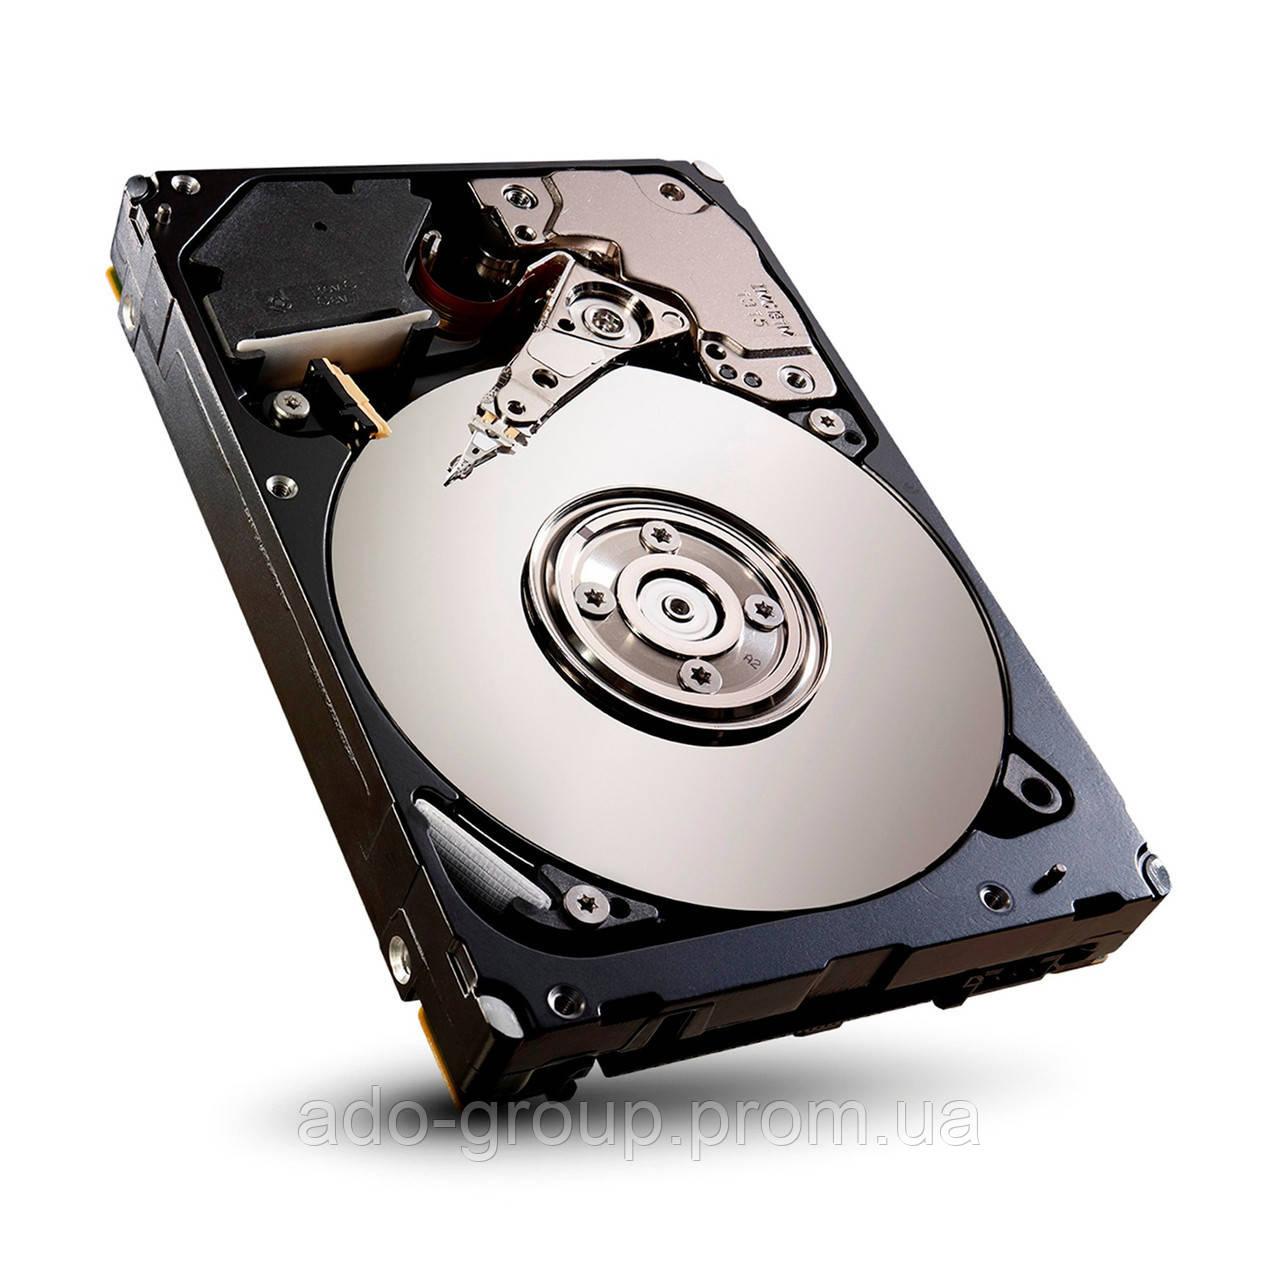 """652745-S21 Жесткий диск HP 500GB SAS 7.2K  2.5"""" +"""